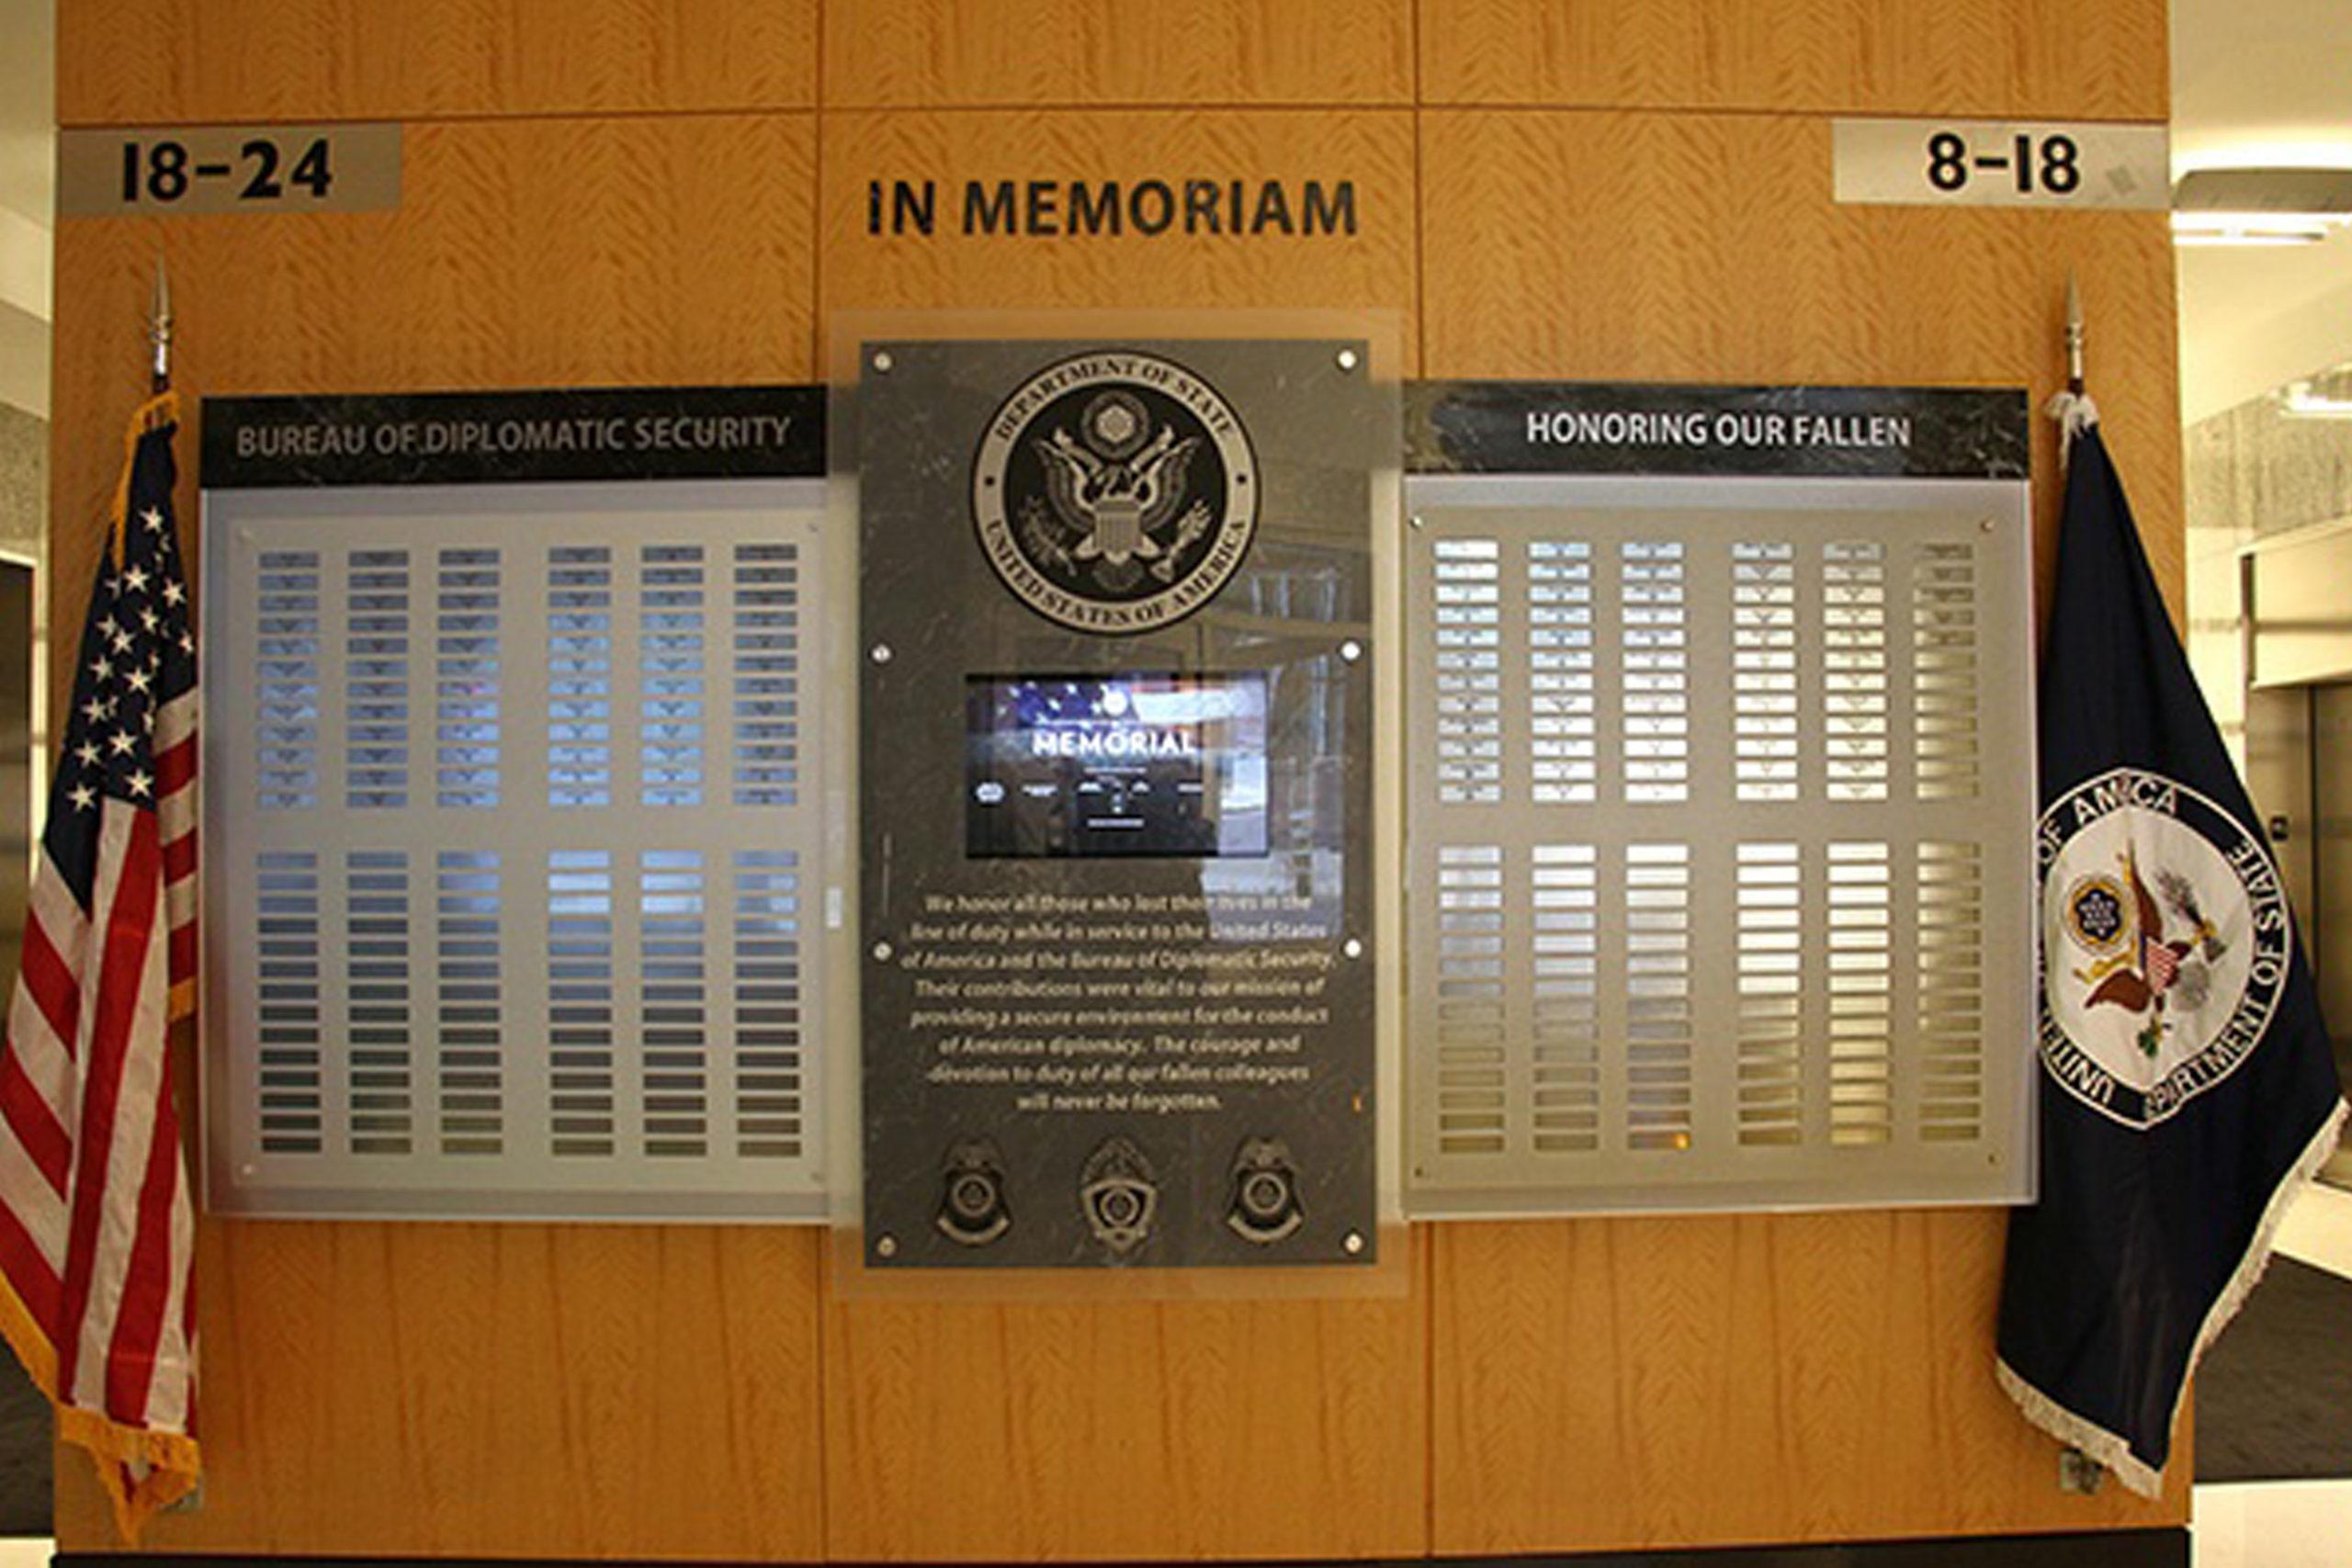 DS memorial